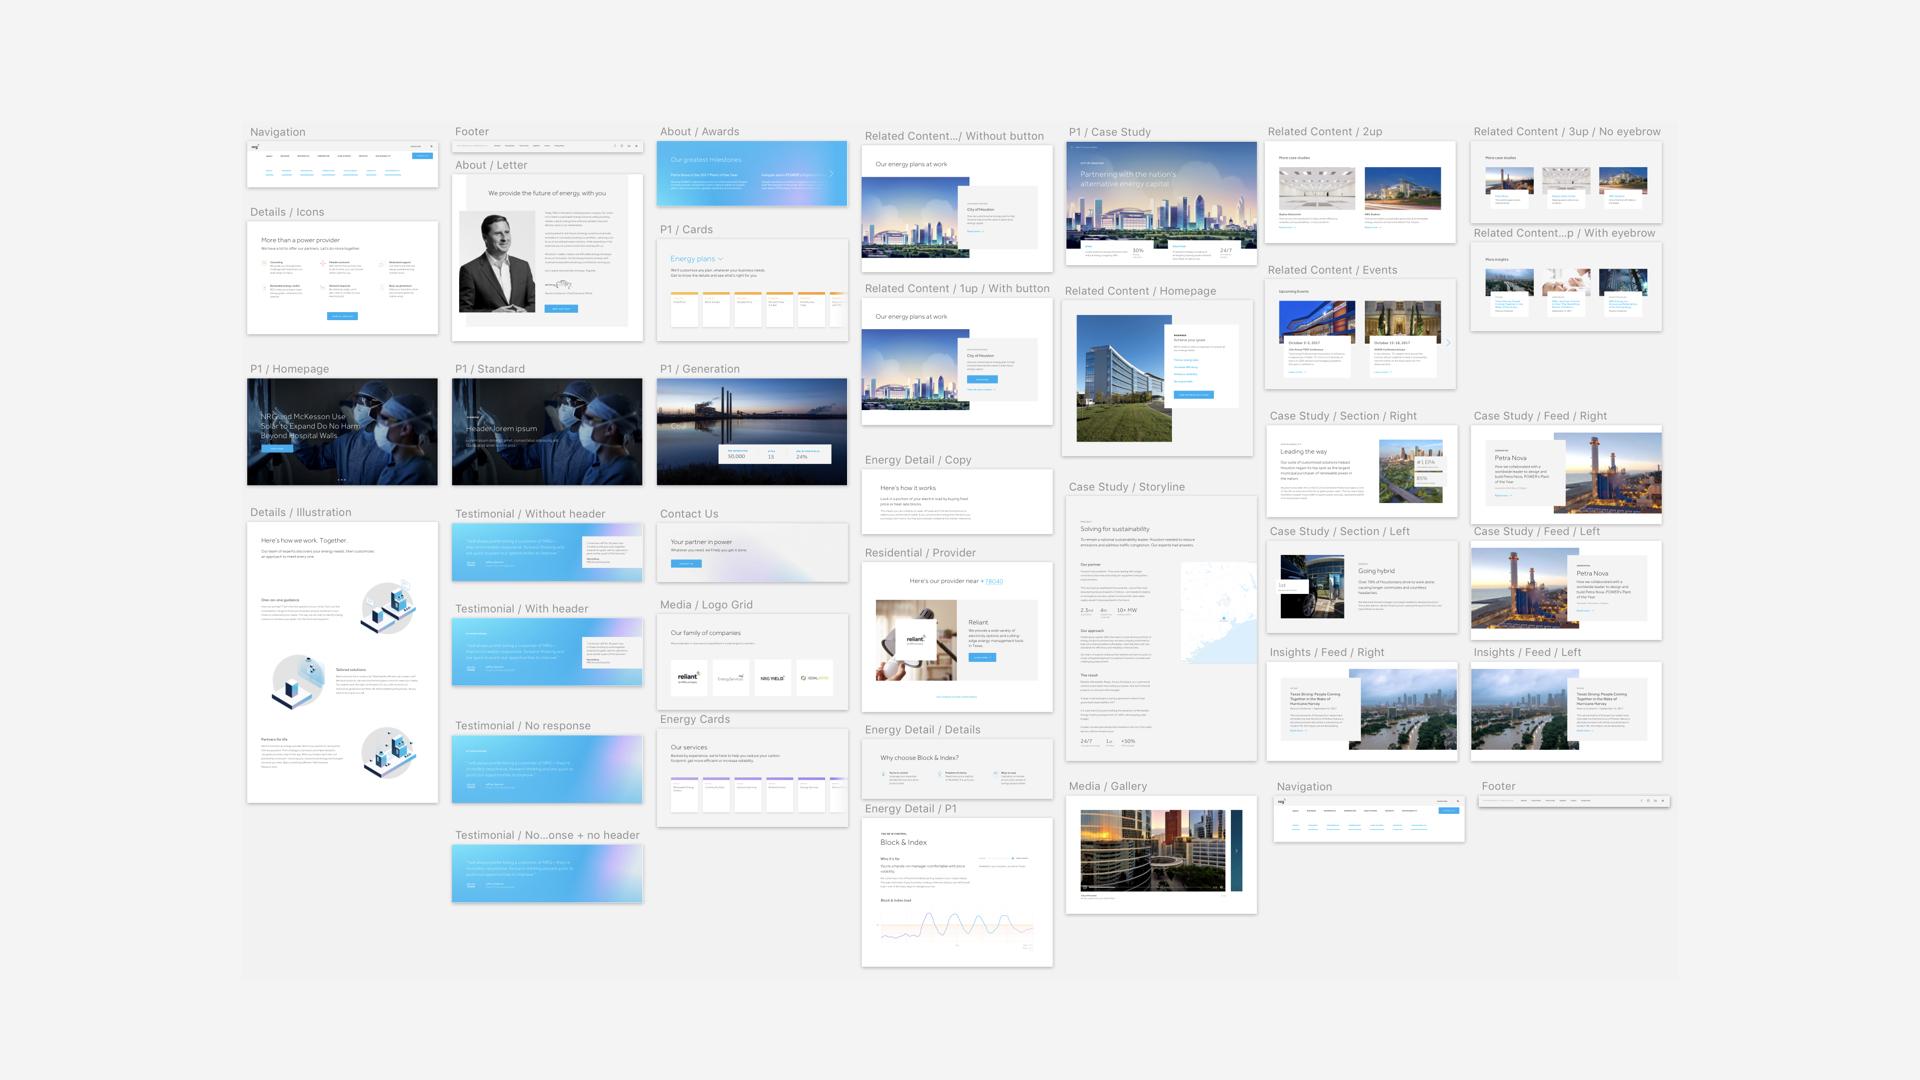 DesignTeam2018-NRG.001.jpeg